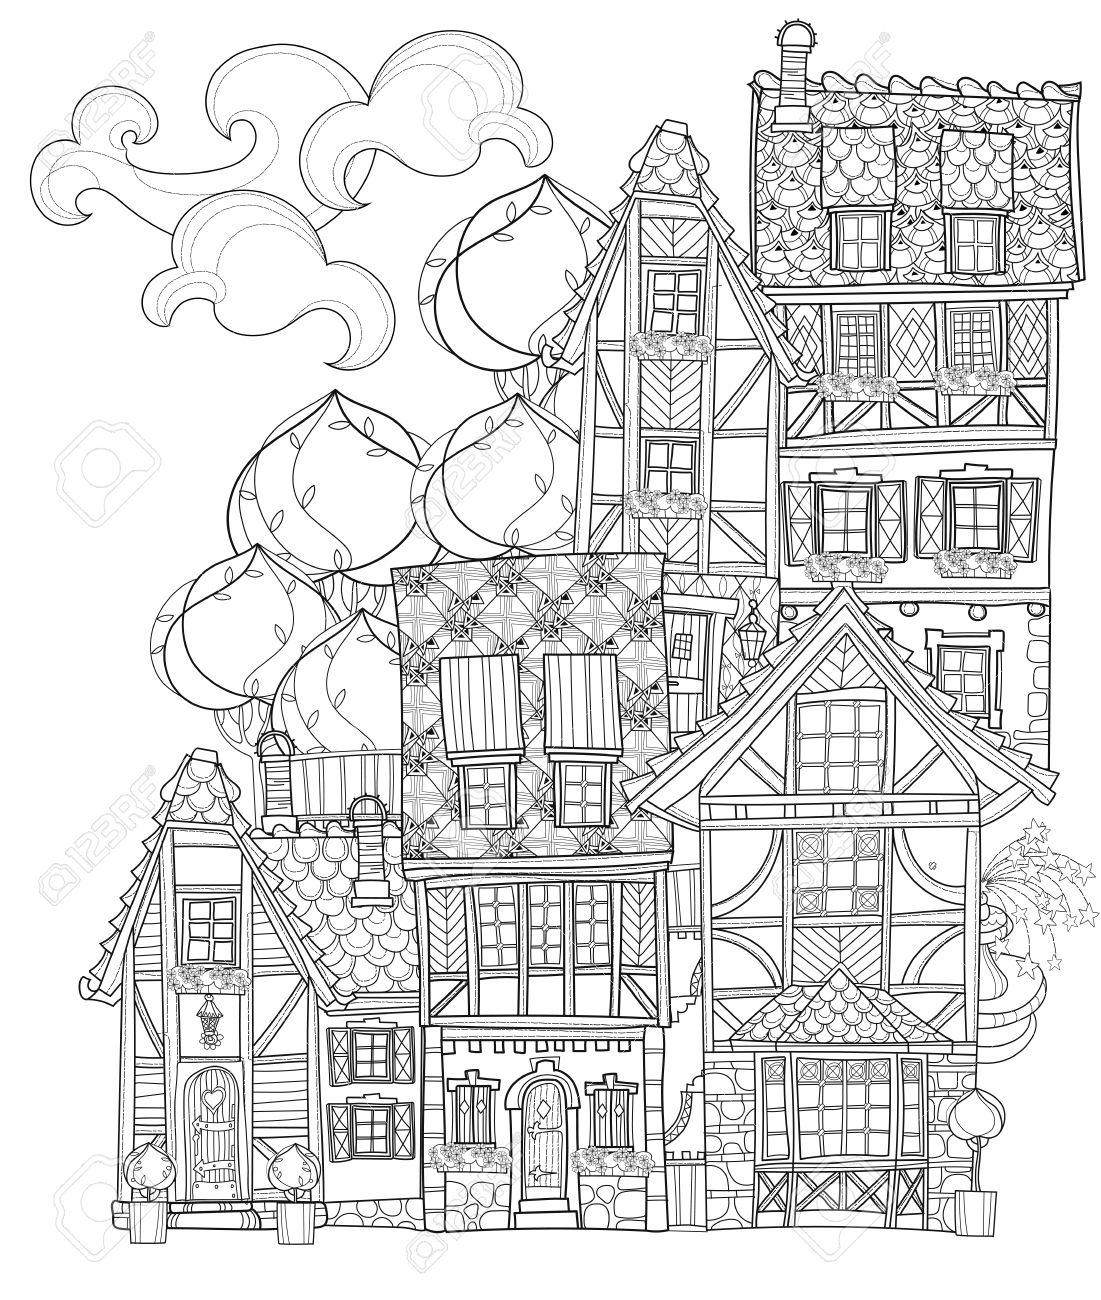 ベクトルかわいいおとぎ話町の落書きベクトル線図はがき印刷や大人の